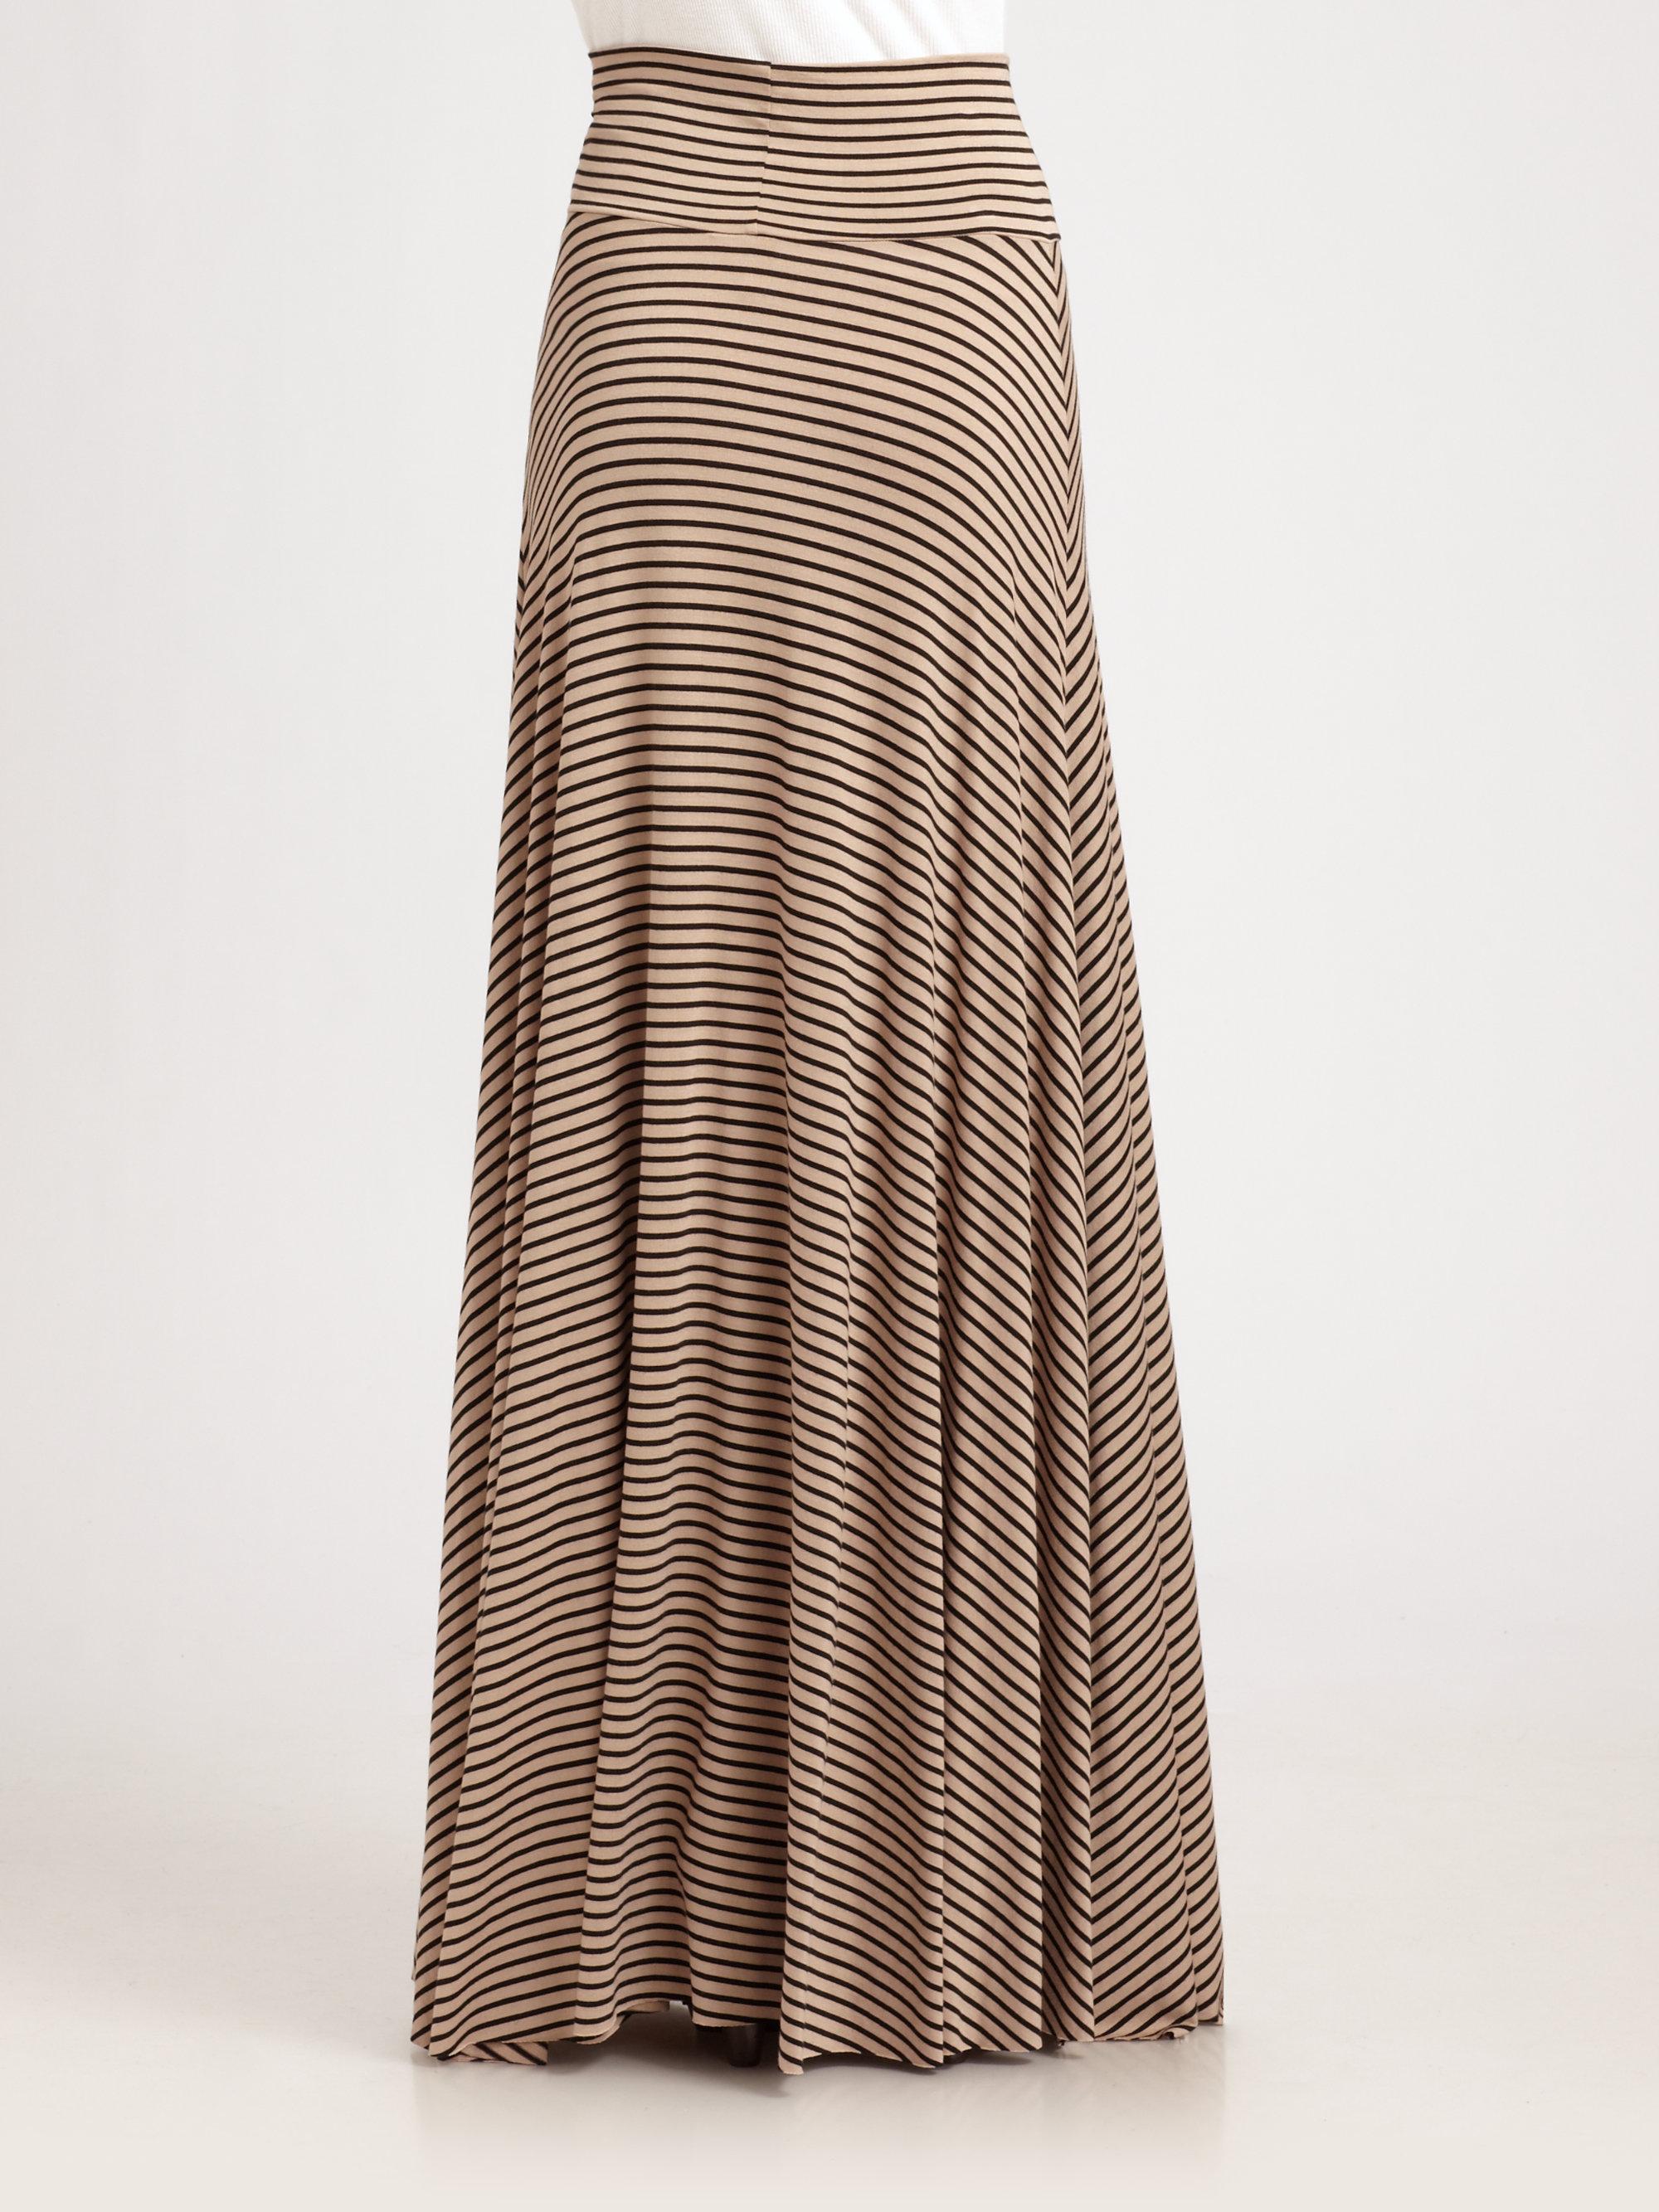 f769b4ebdbb Rachel Pally Maxi Skirt - Image Skirt and Slipper Imagepv.co